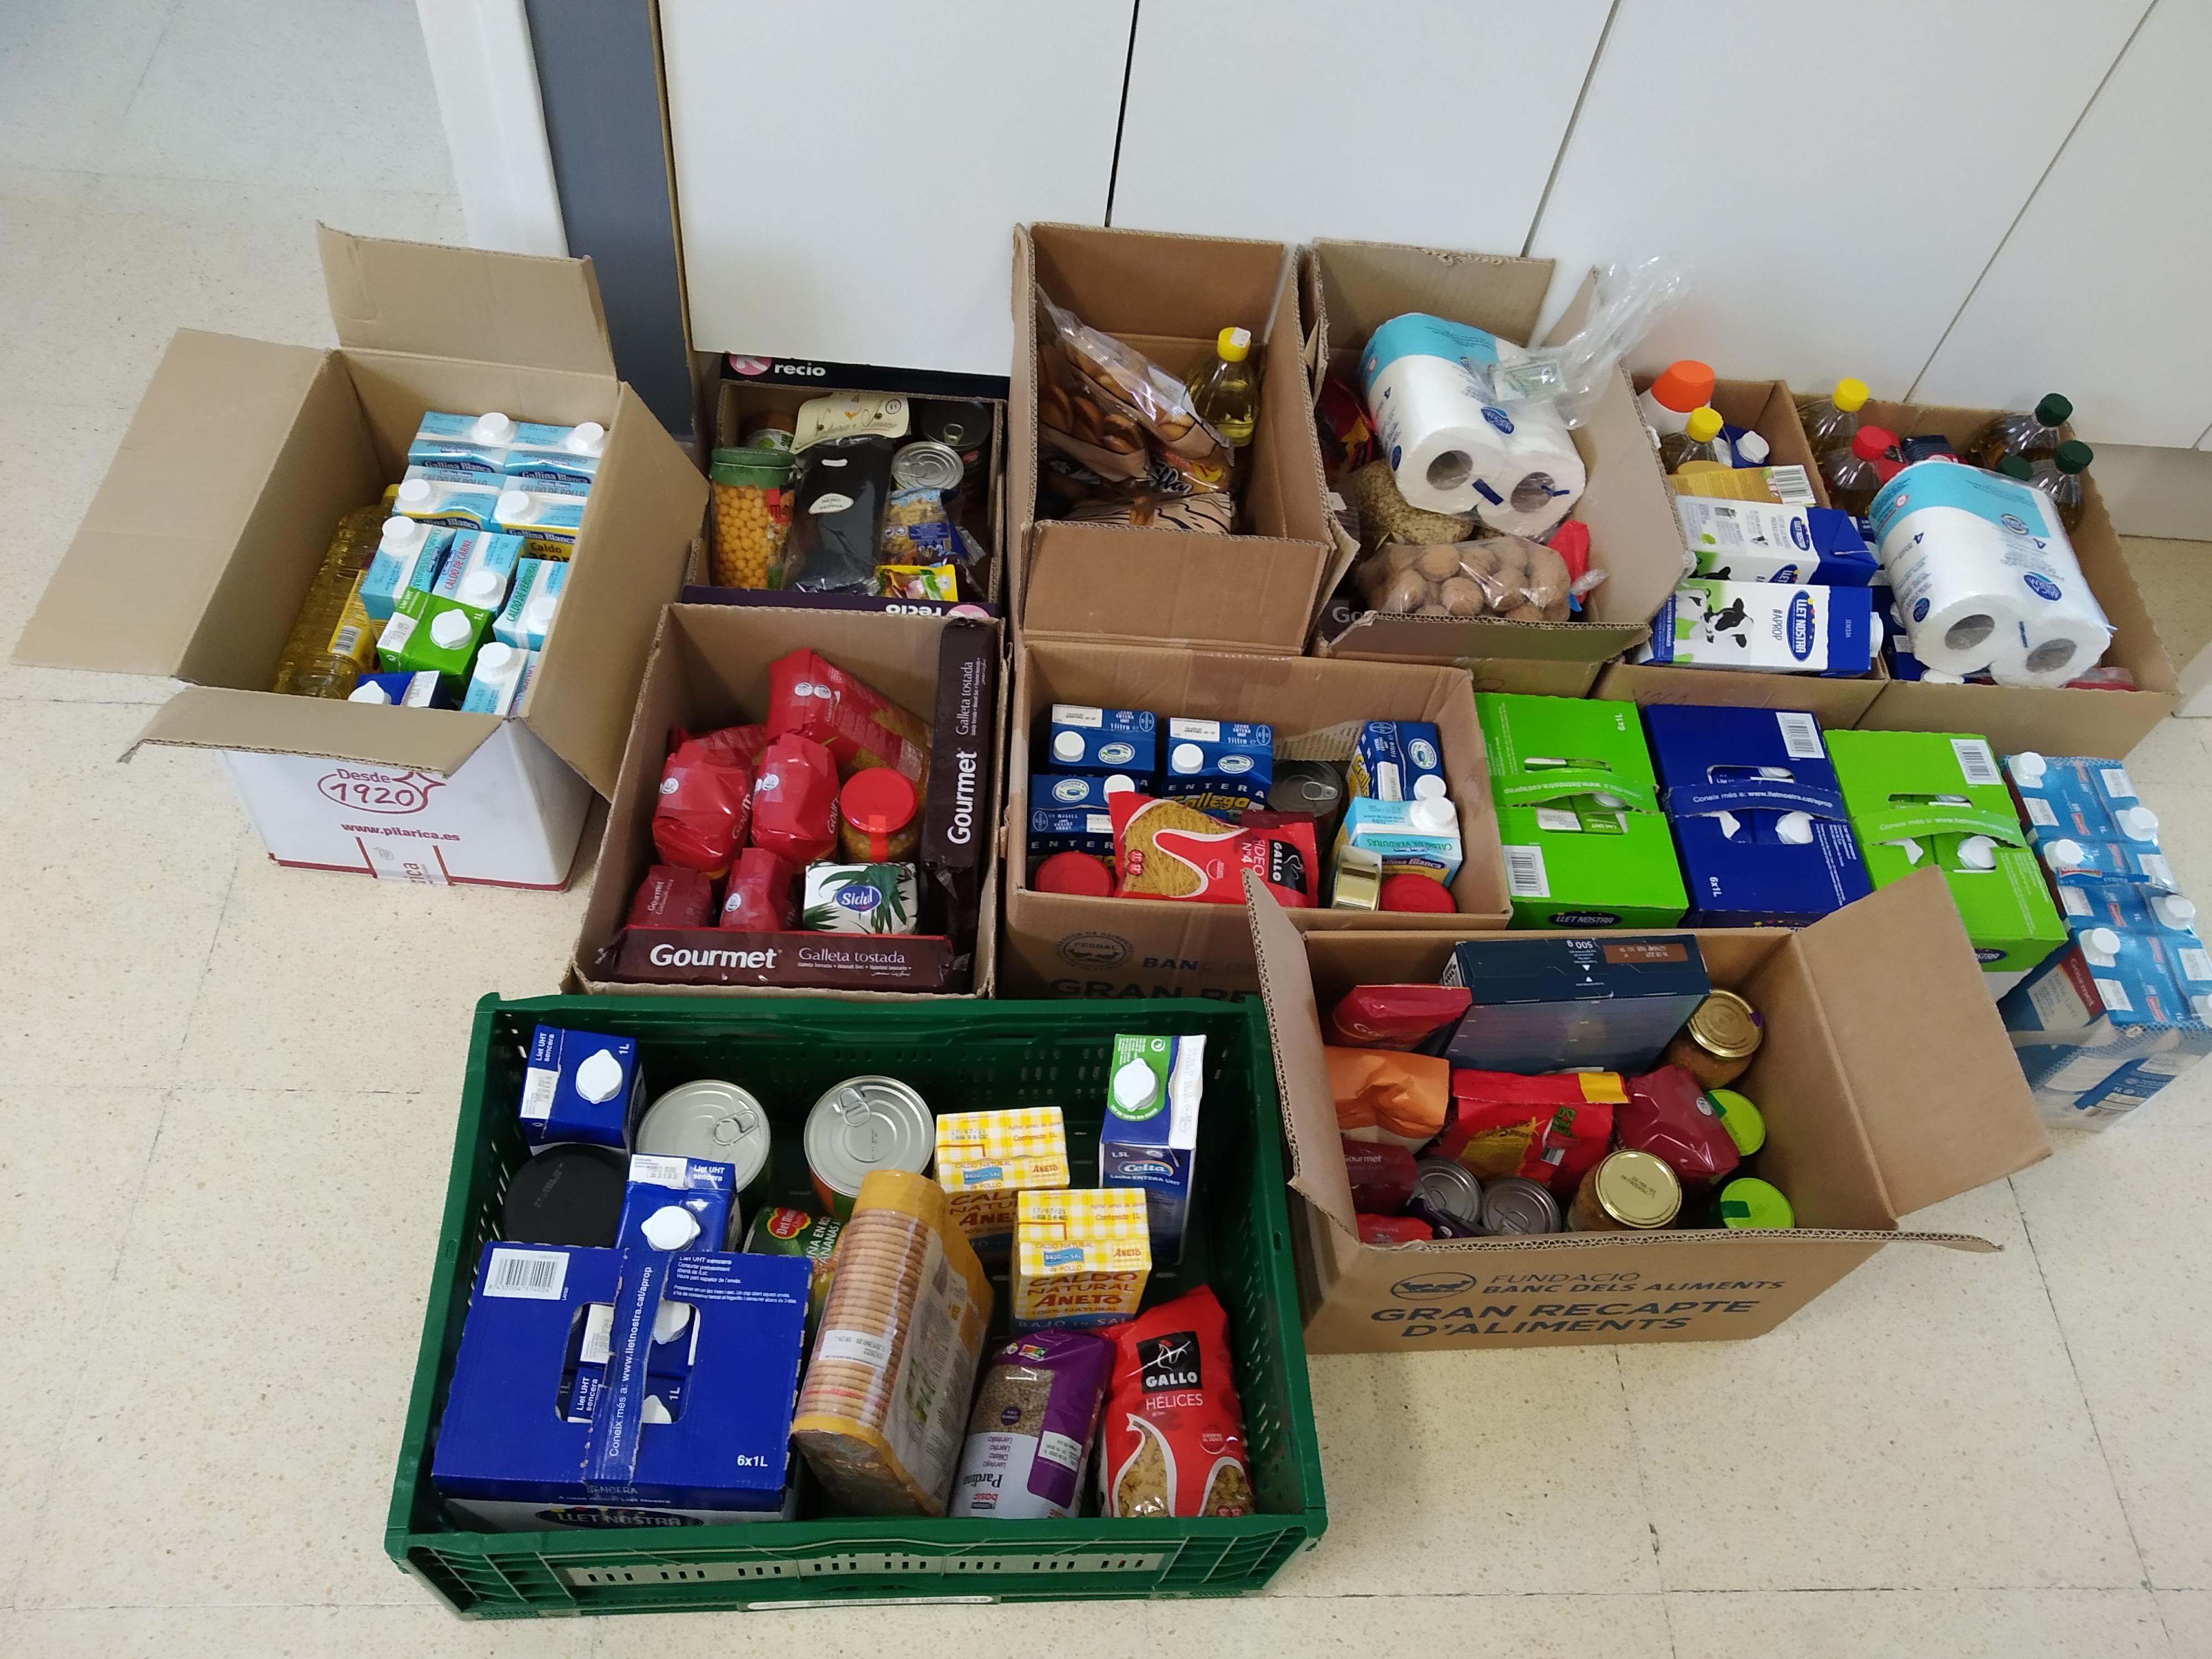 Agraïment per les donacions que heu fet en el marc del Gran Recapte dels Aliments